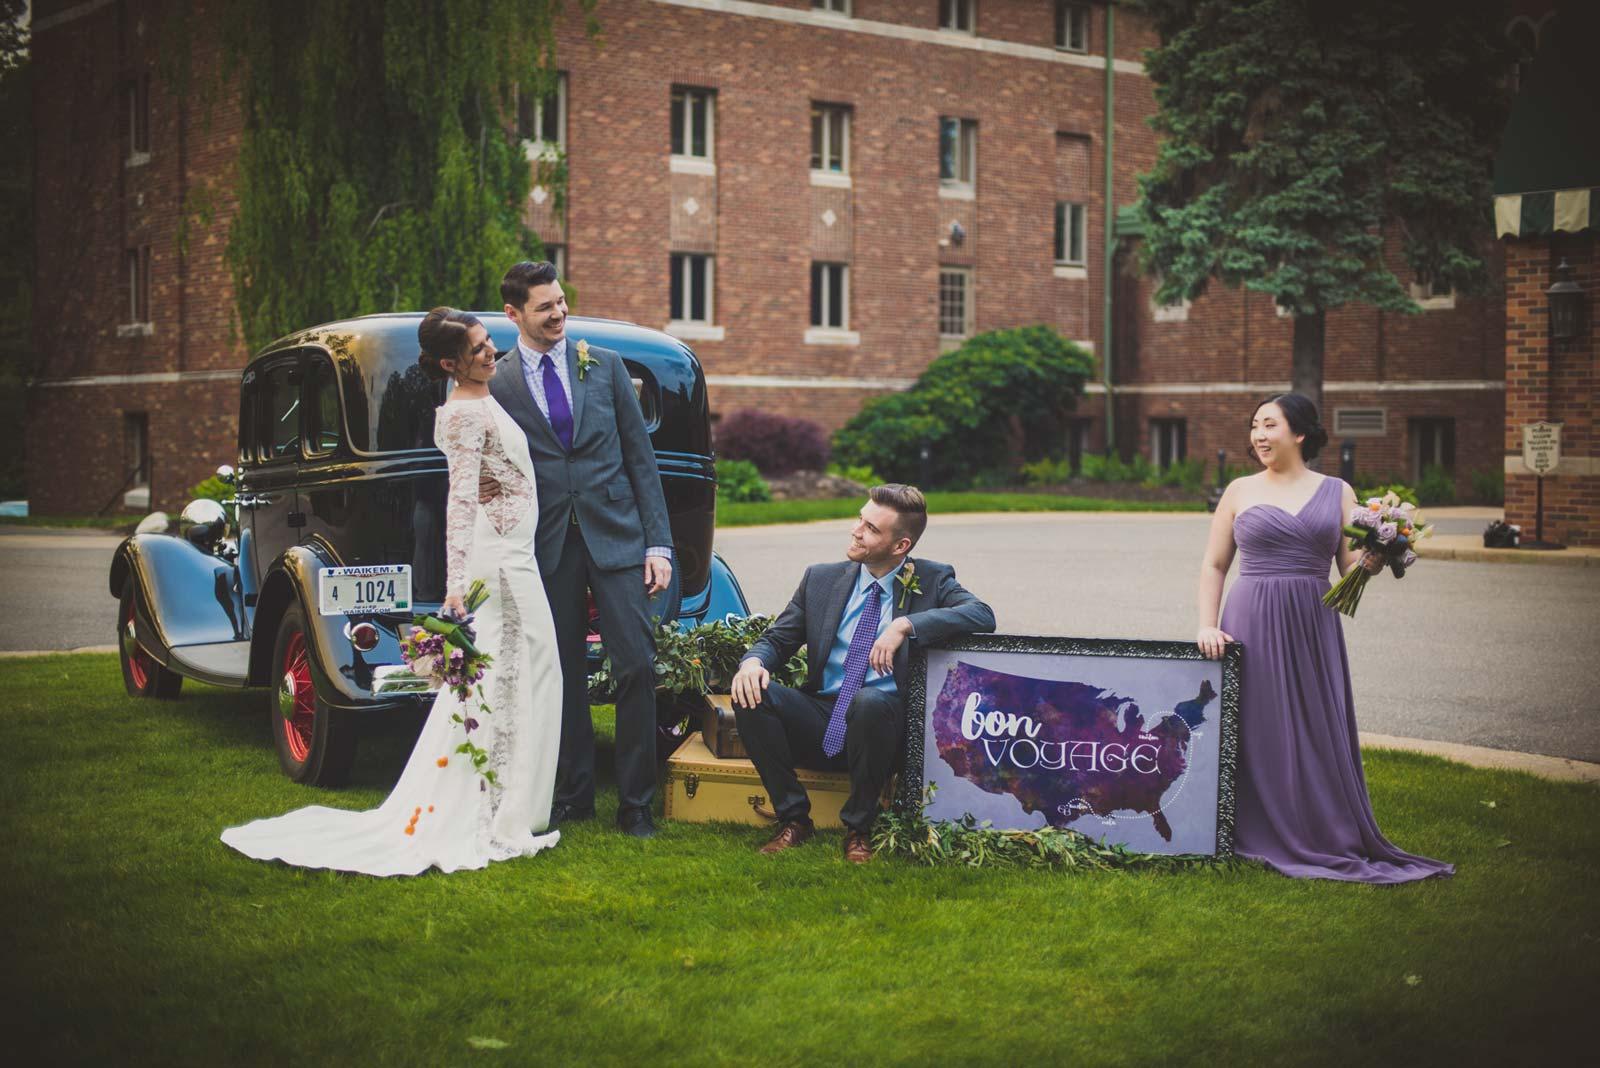 Bride and Groom Departing on Honeymoon